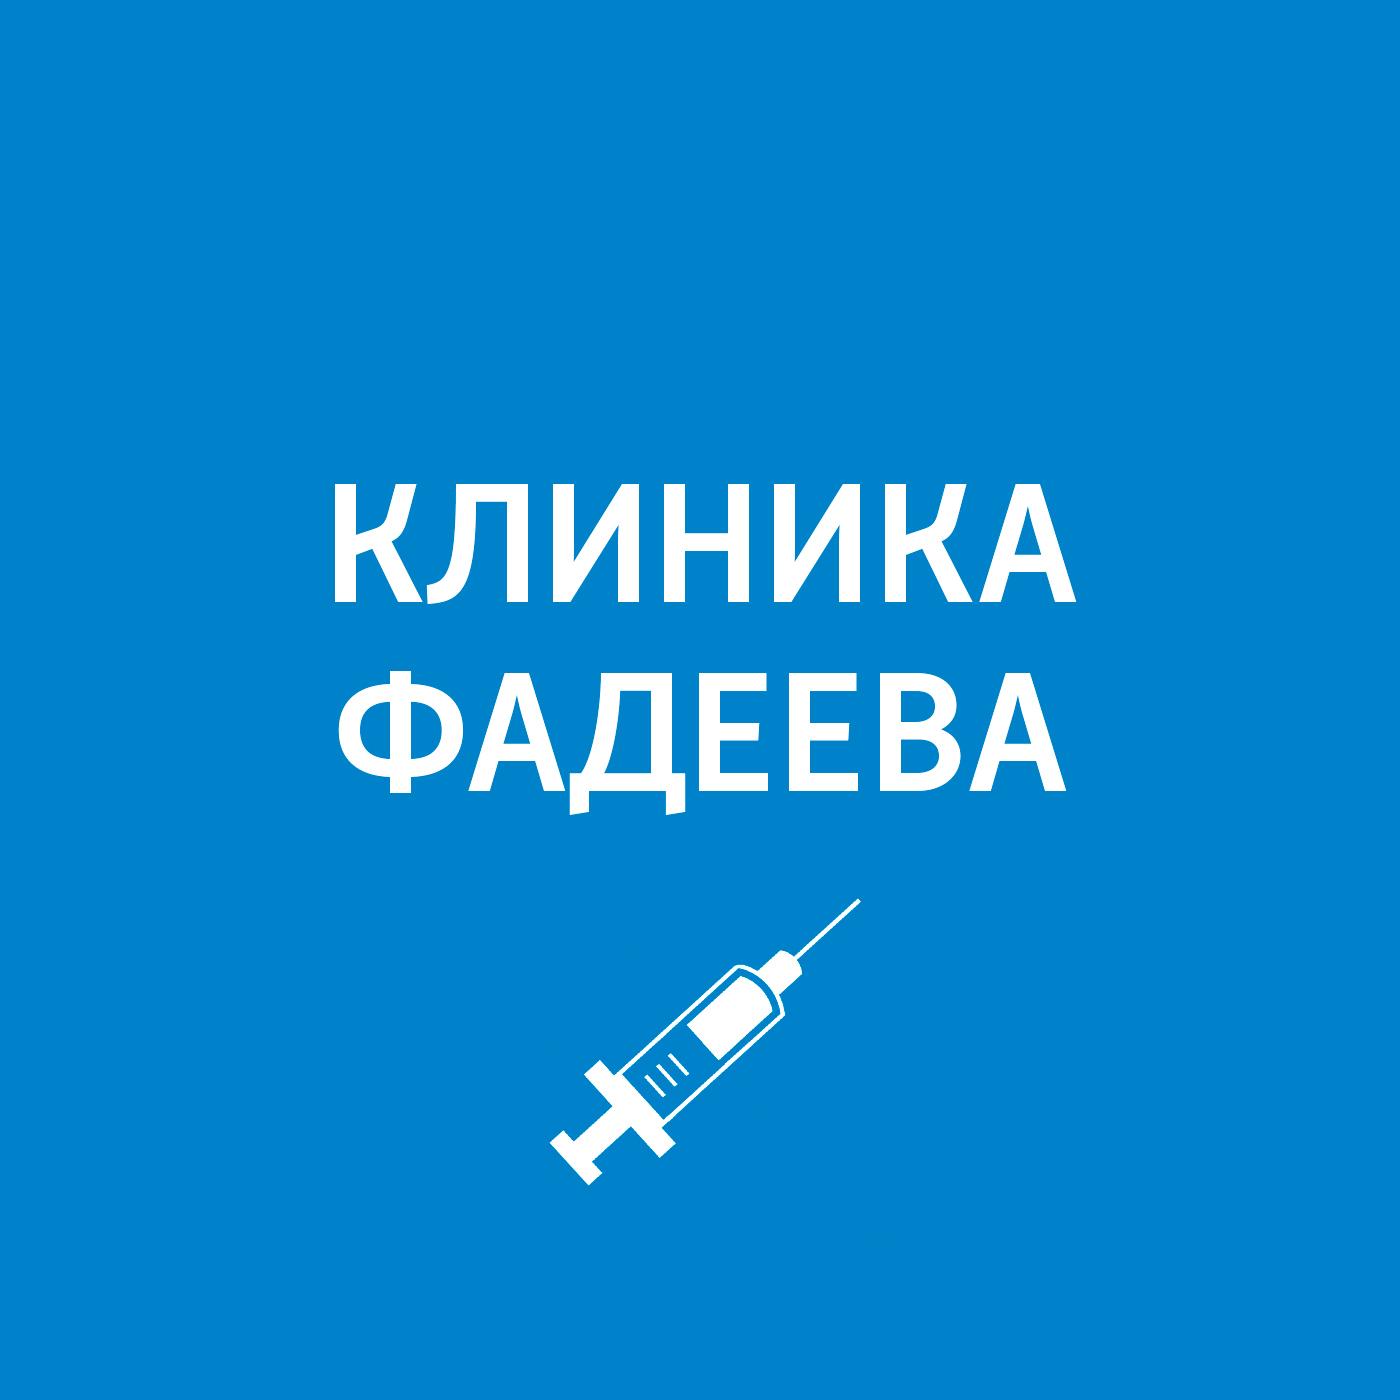 Пётр Фадеев Врач-ветеринар пётр фадеев ветеринар герпетолог